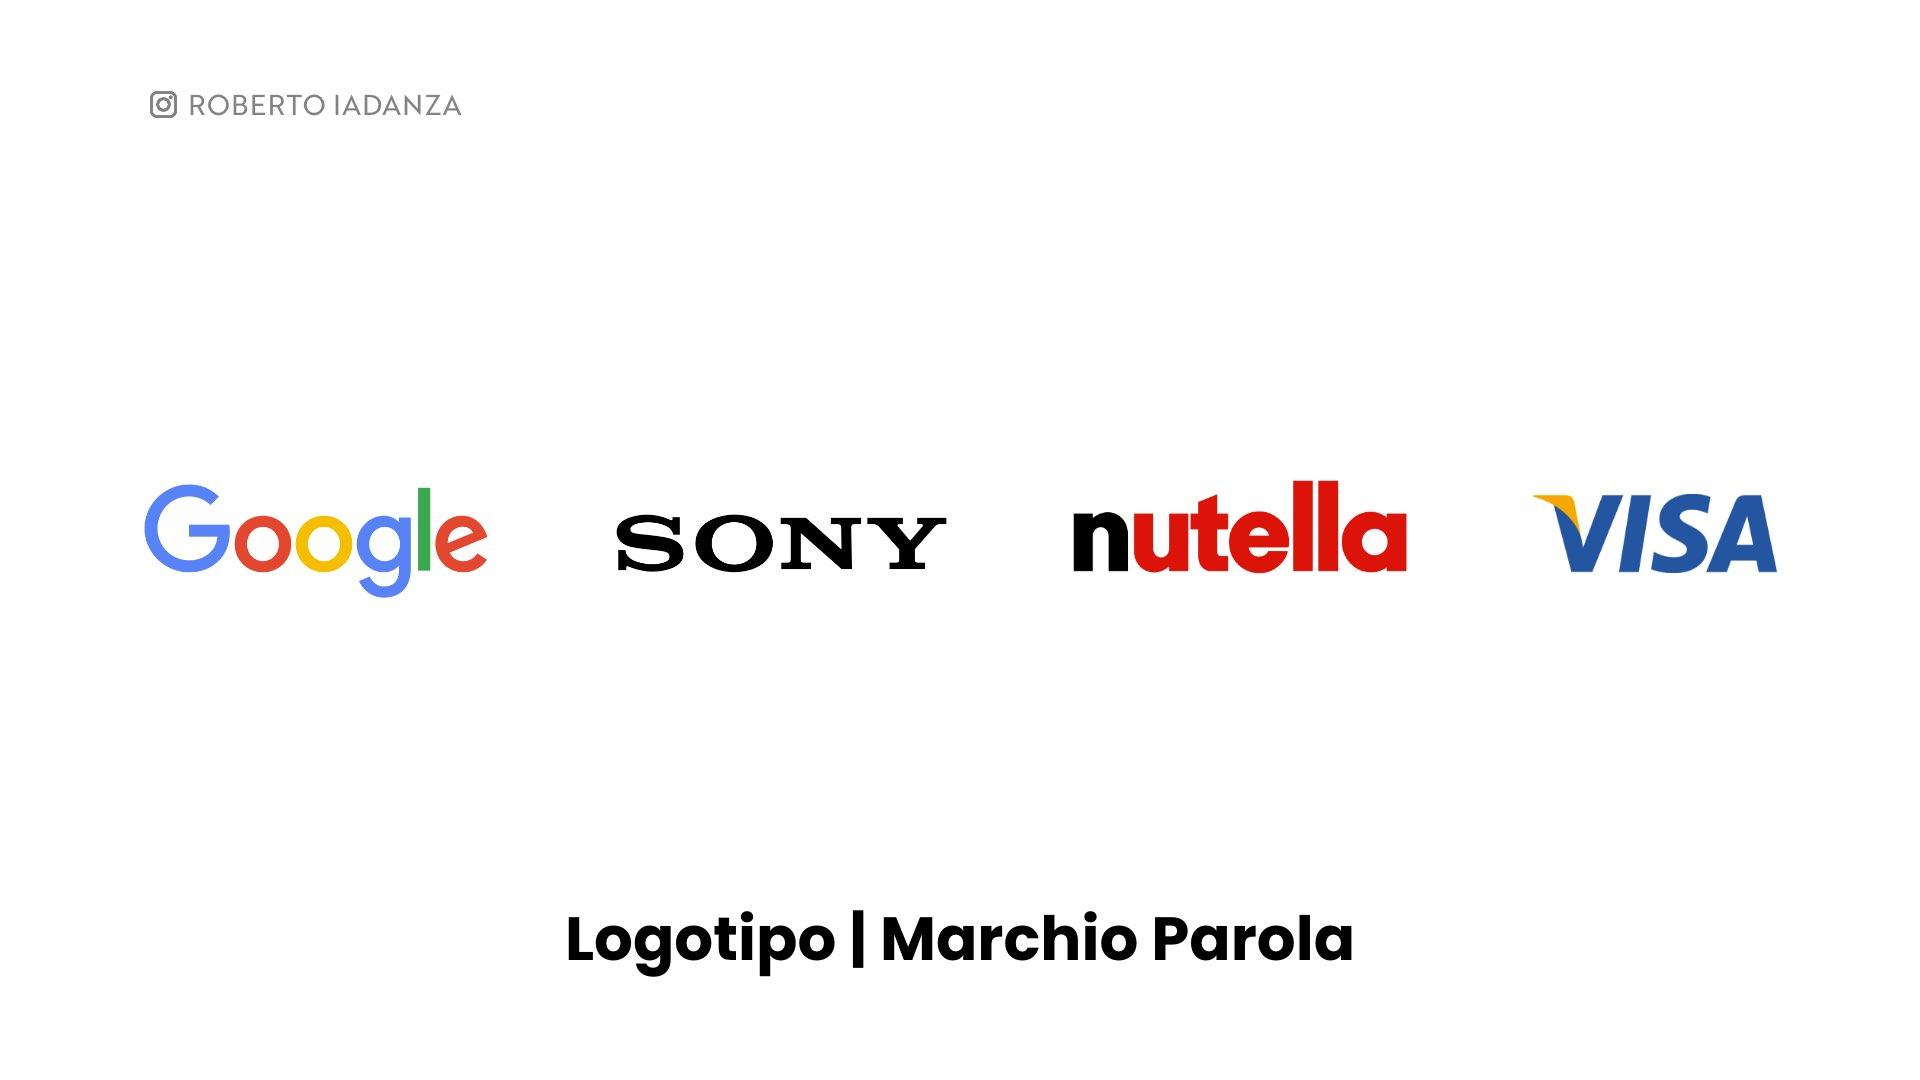 Logotipo Marchio Parola